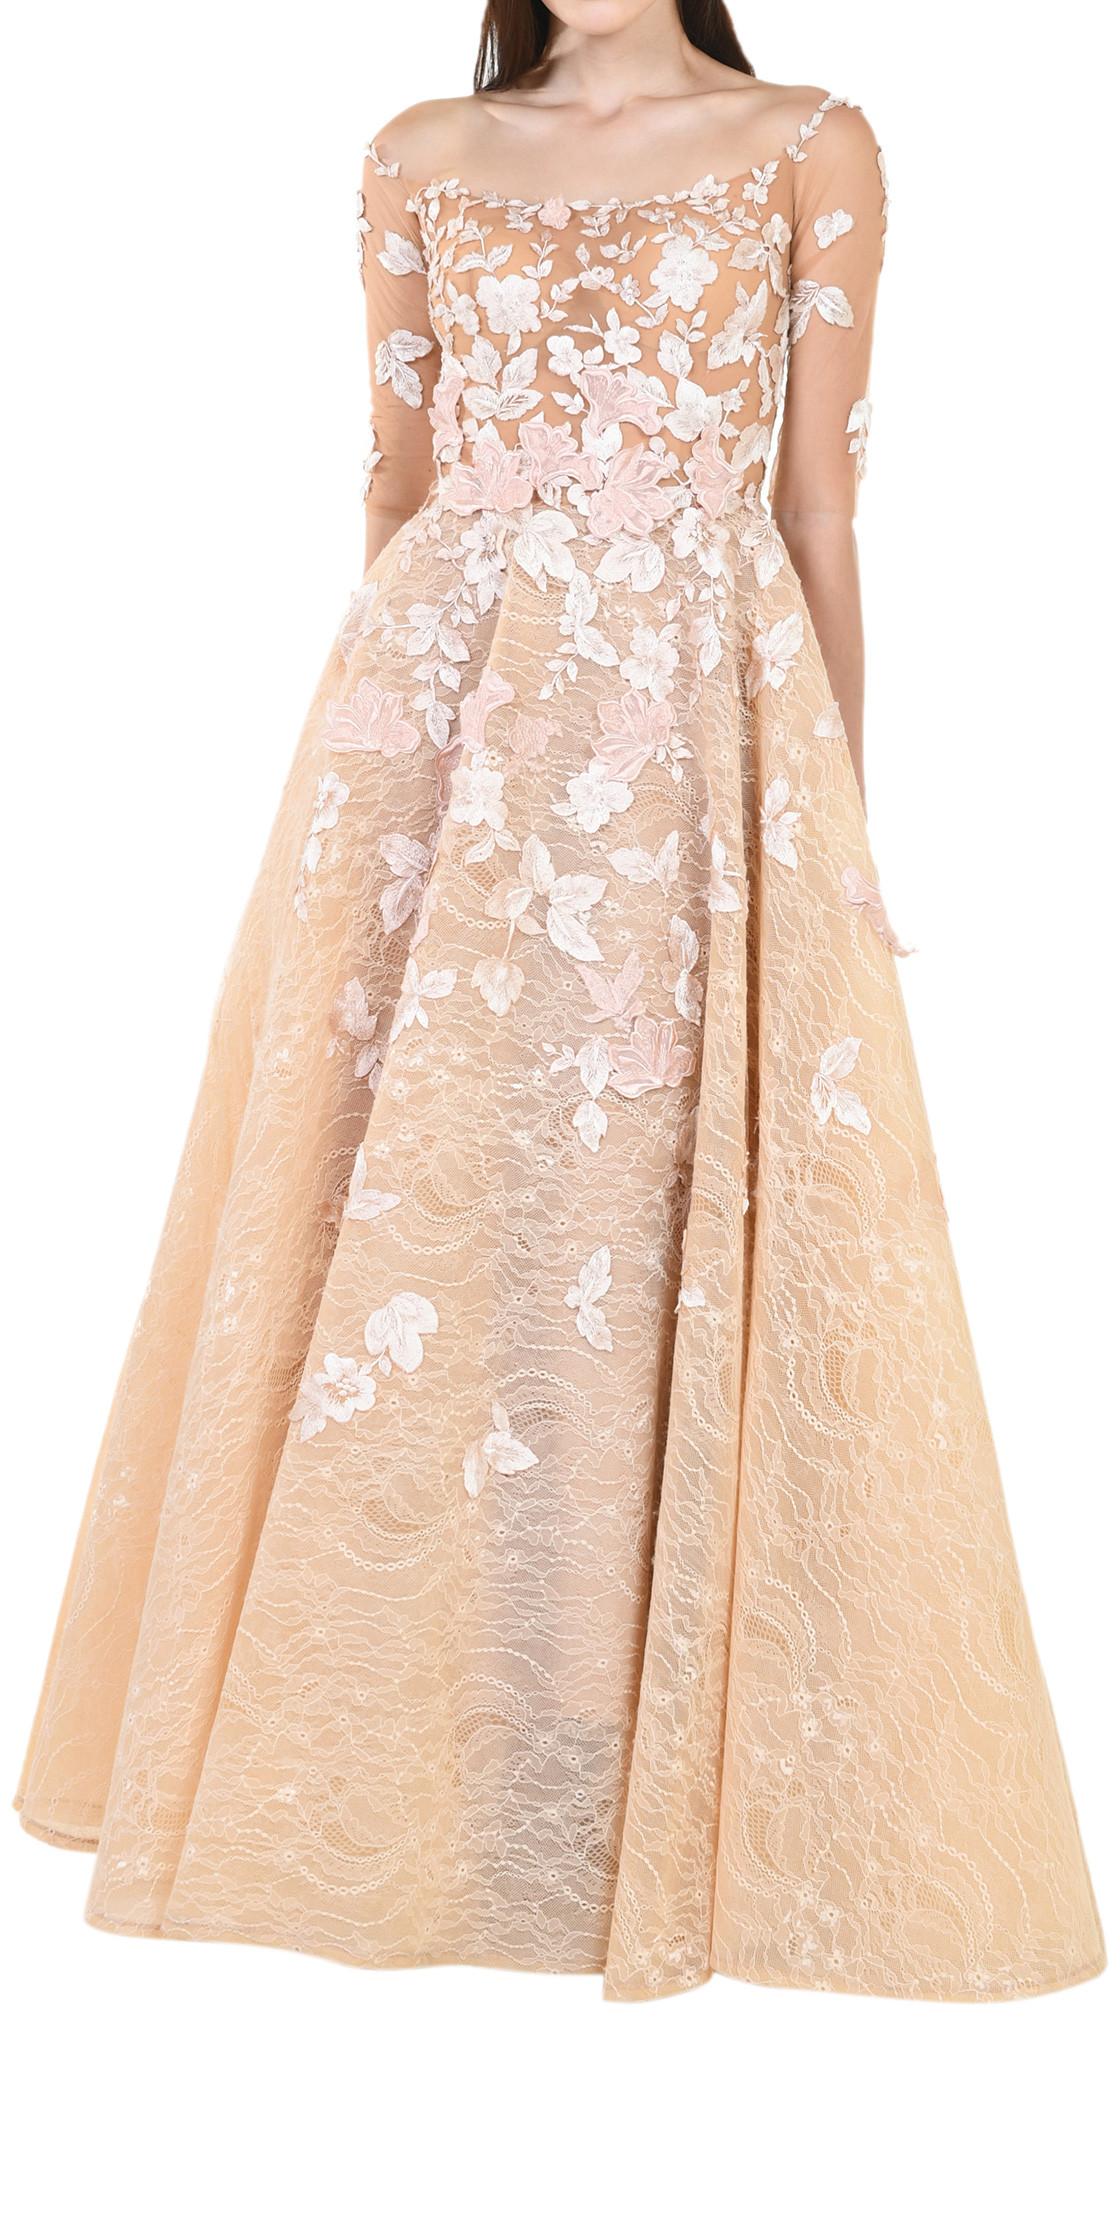 Mirna Jawhari Couture 3D Flower Ball Gown | Evening Dress Rental ...